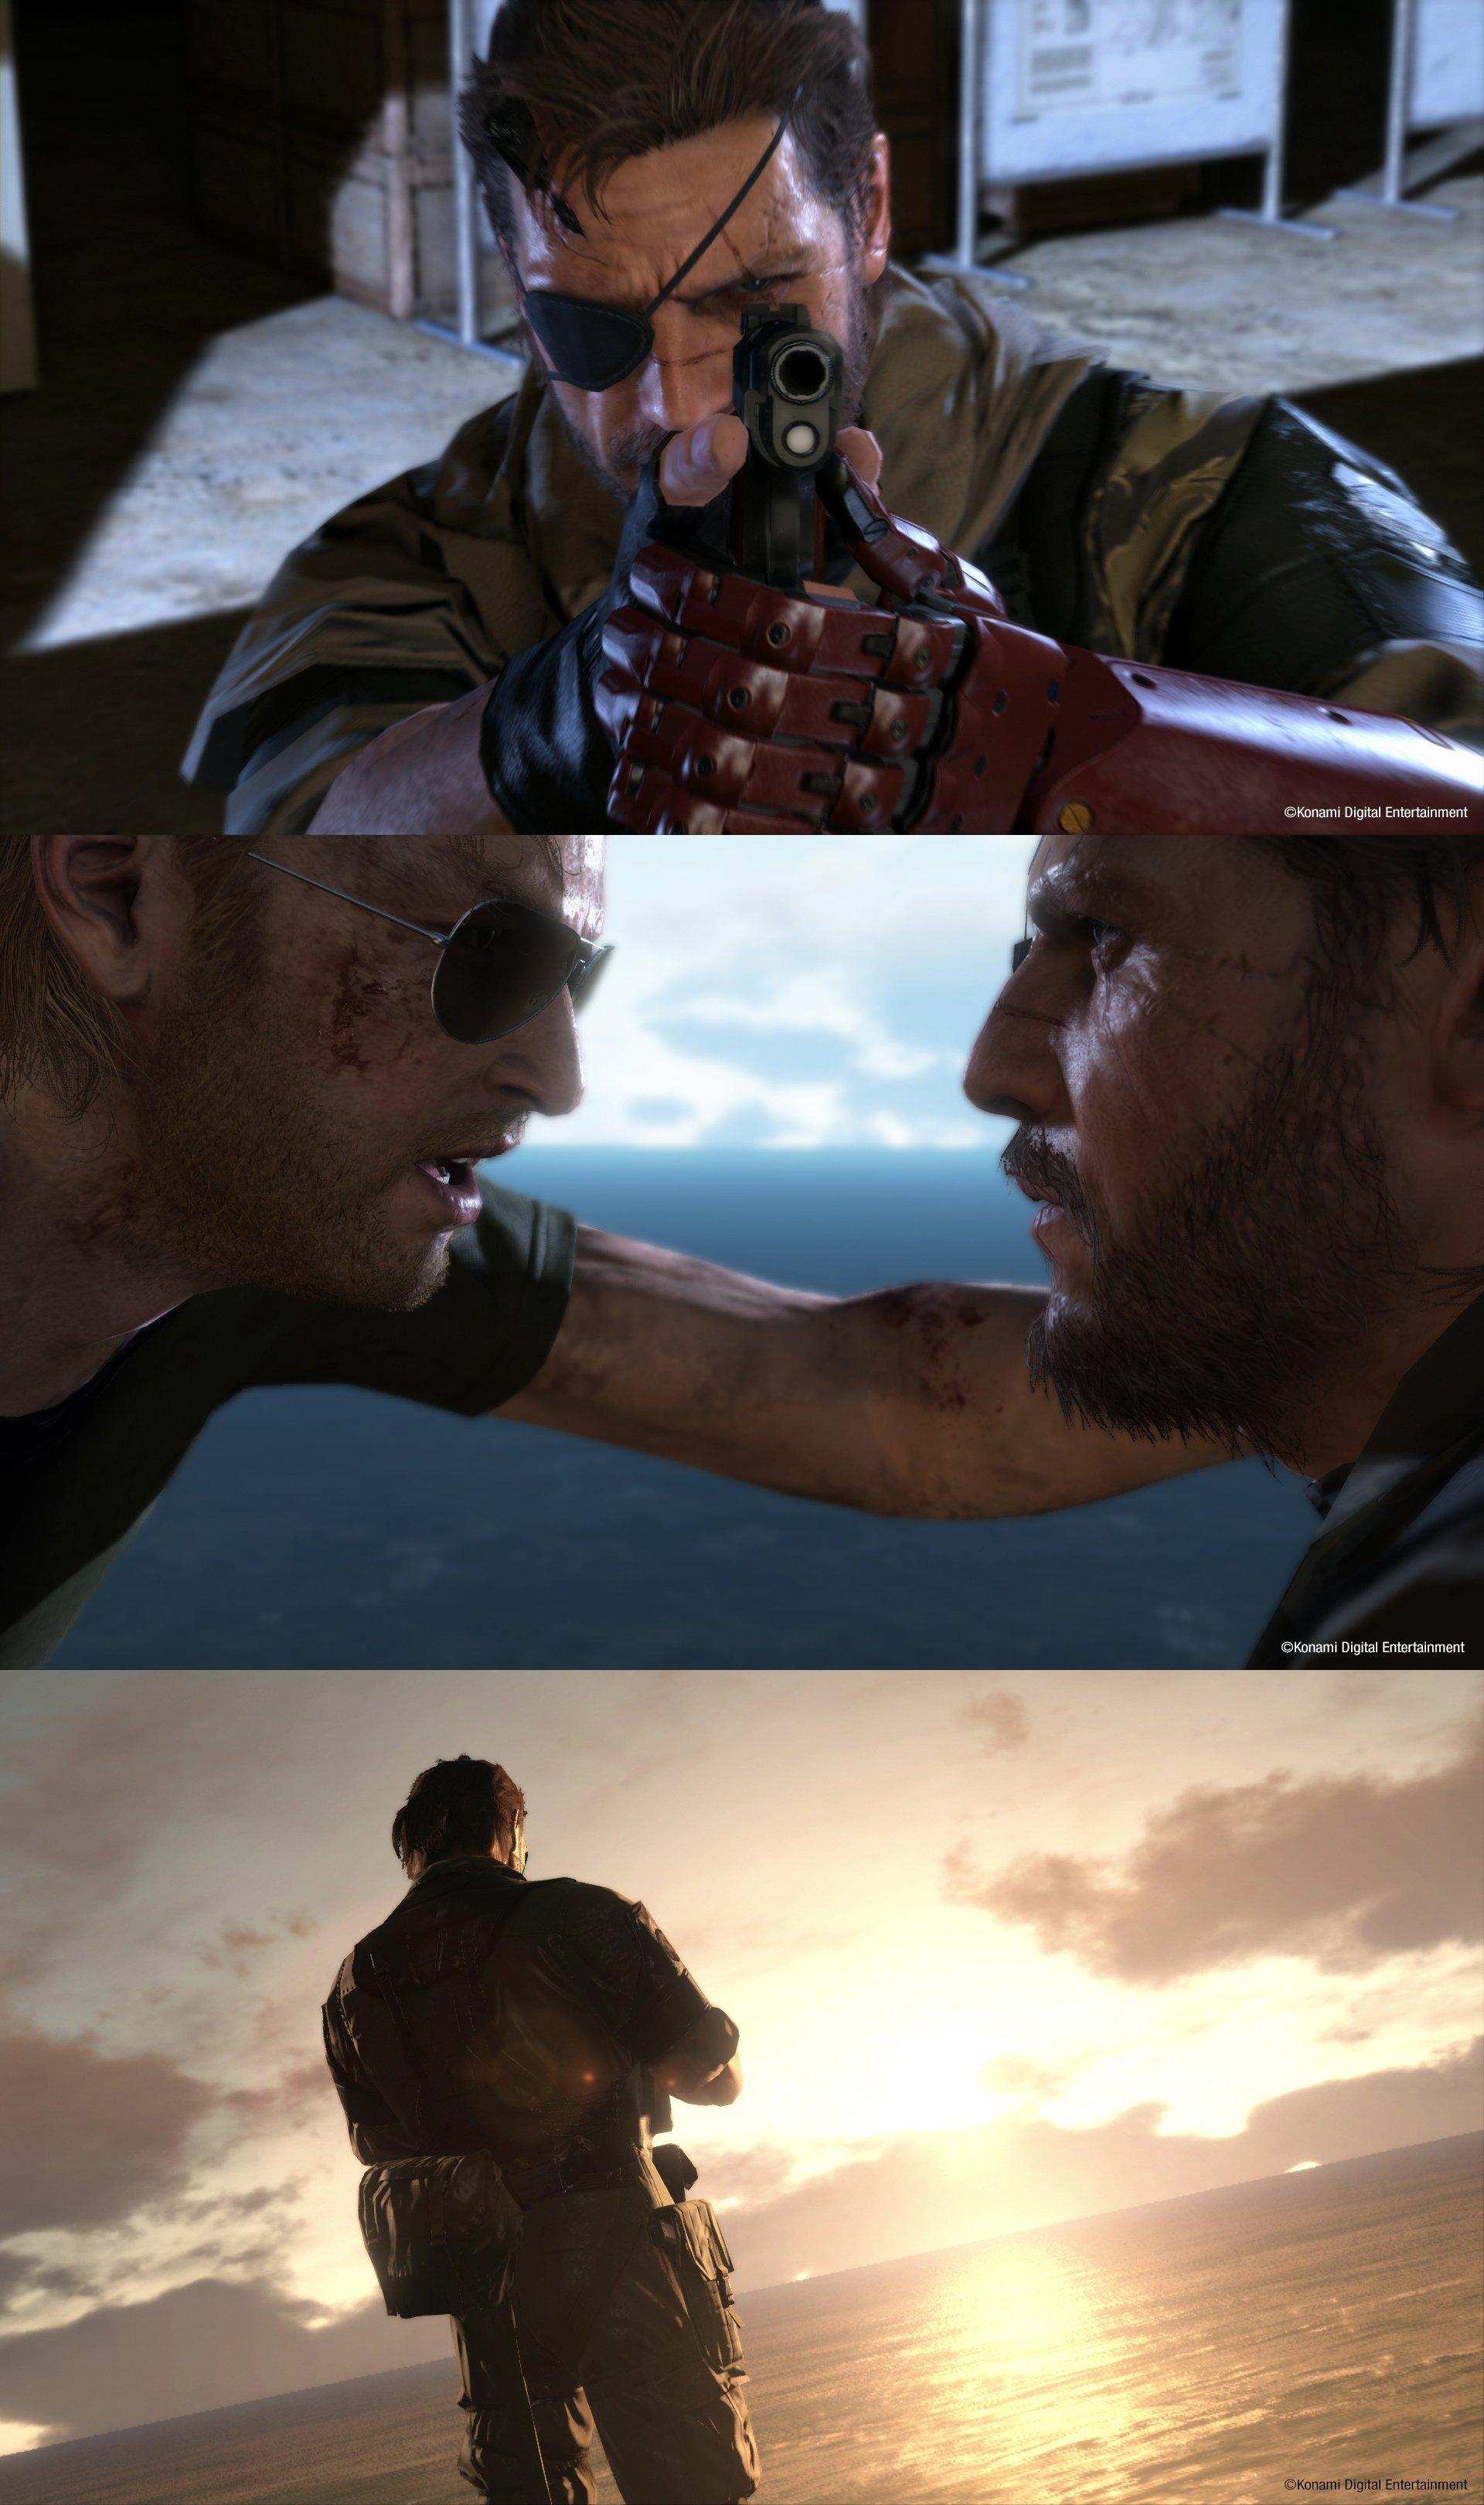 Новые скриншоты MGS 5: Phantom Pain. - Изображение 1